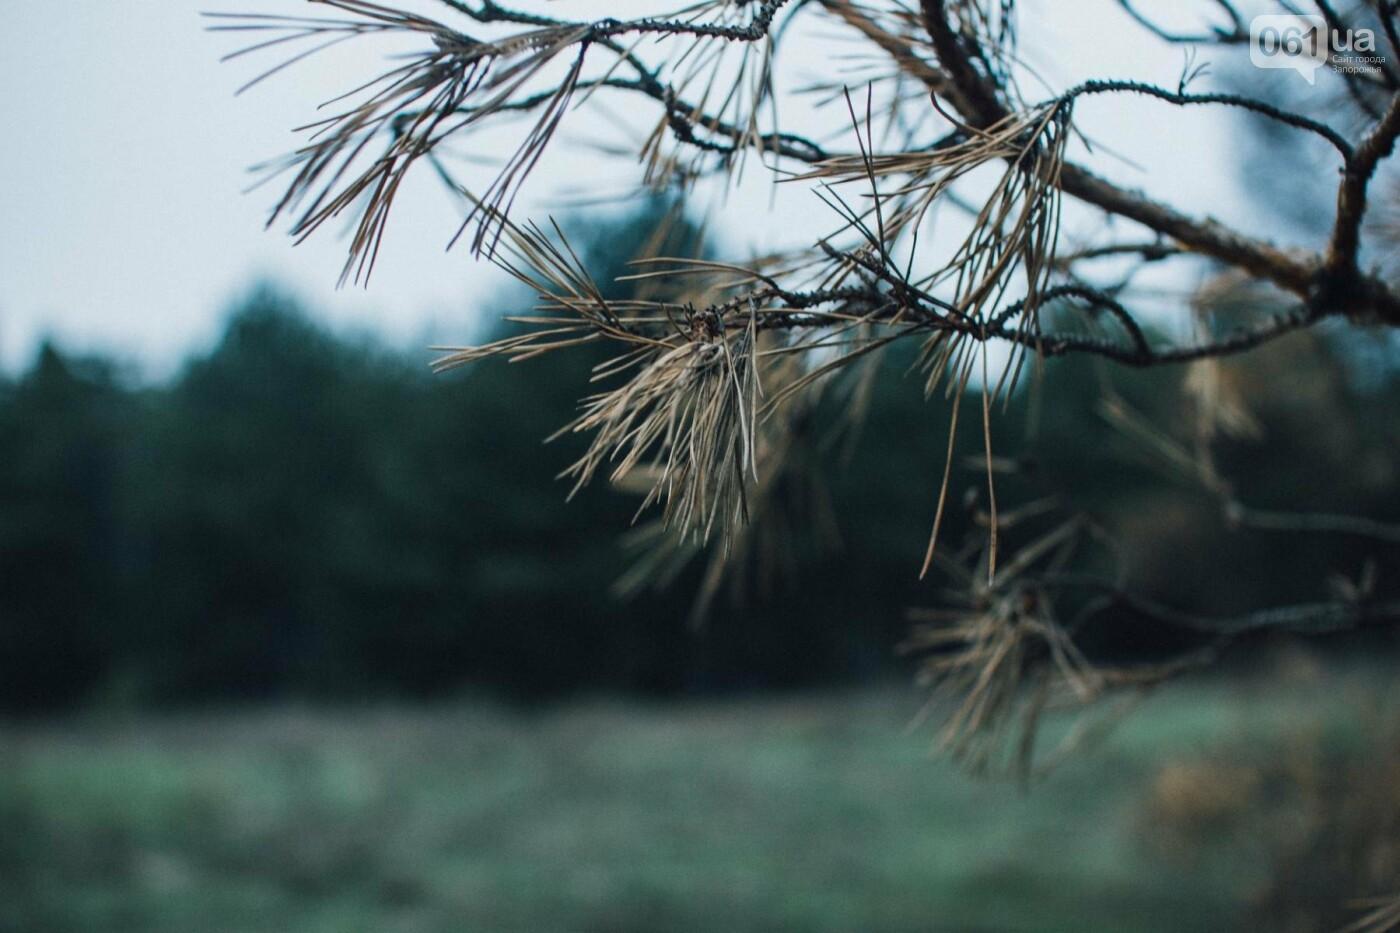 Четыре дня до зимы: как выглядит Хортица поздней осенью, - ФОТОРЕПОРТАЖ, фото-8